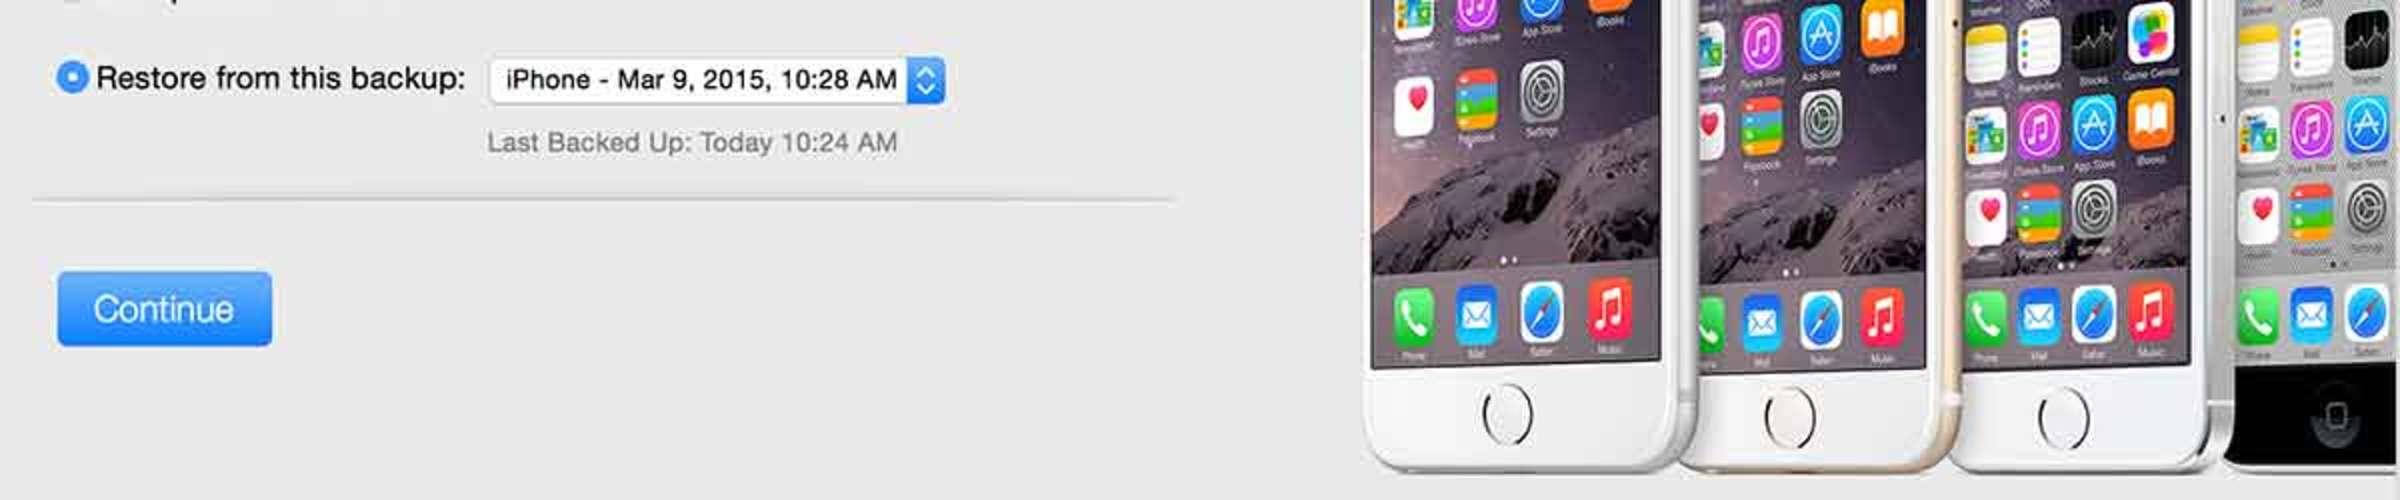 Инструкция по восстановлению айфона или айпада из резервной копии